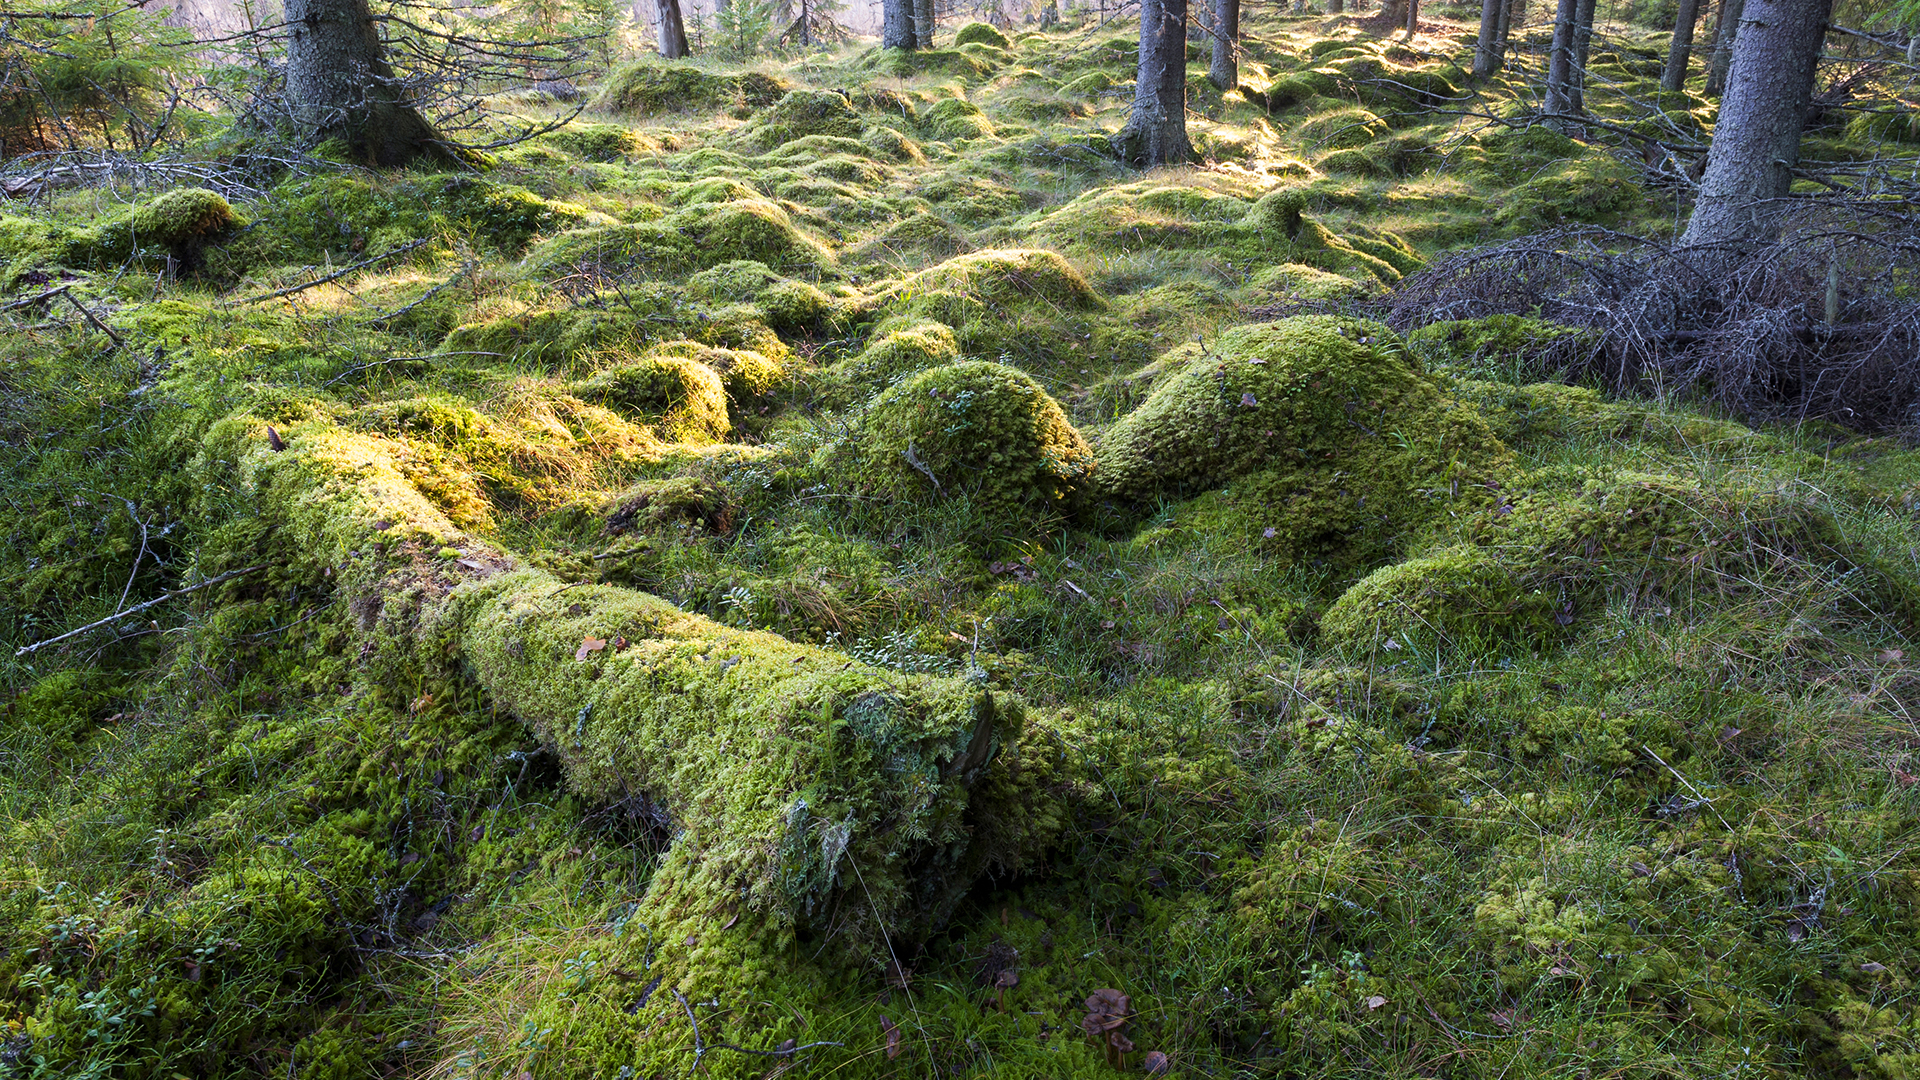 Luonnon monimuotoisuus luo pohjan kestävälle metsätaloudelle